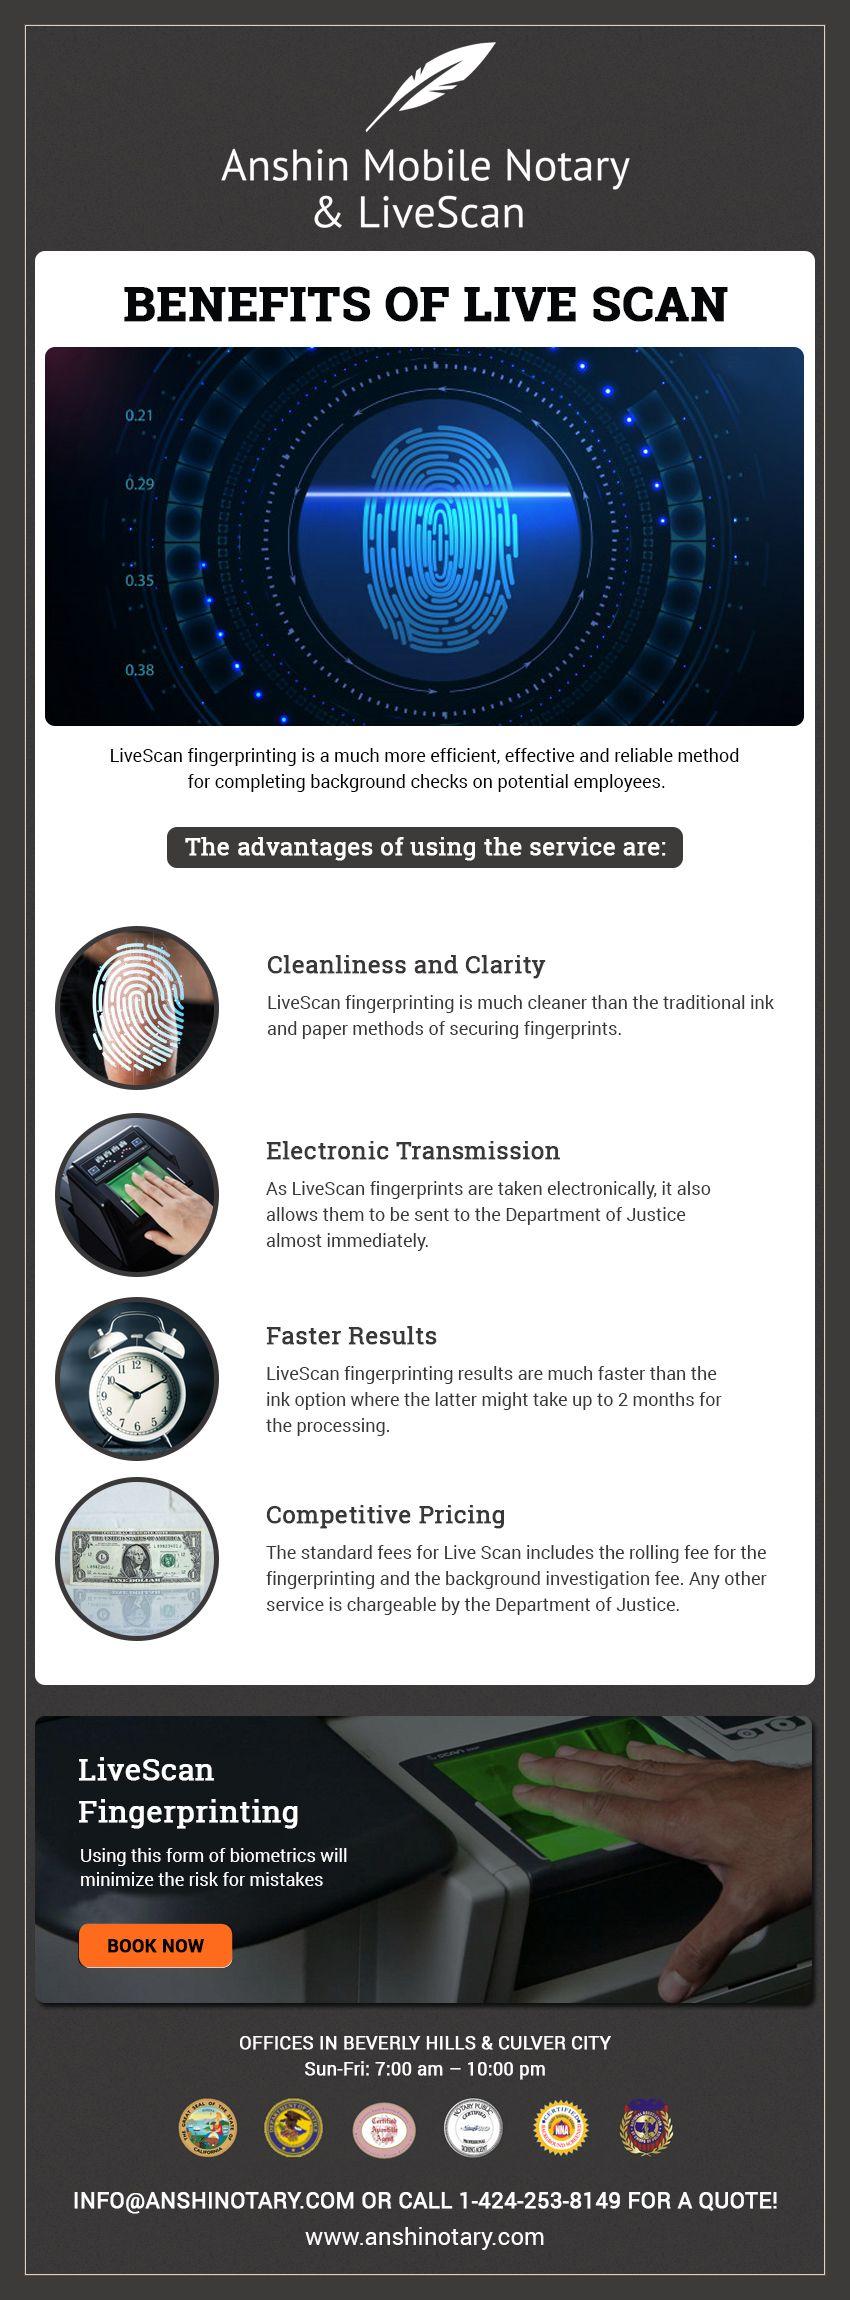 Live Scan Fingerprinting Los Angeles Fbi Fingerprint Anshin Mobile Notary Livescan Live Scan Live Scan Fingerprinting Scan